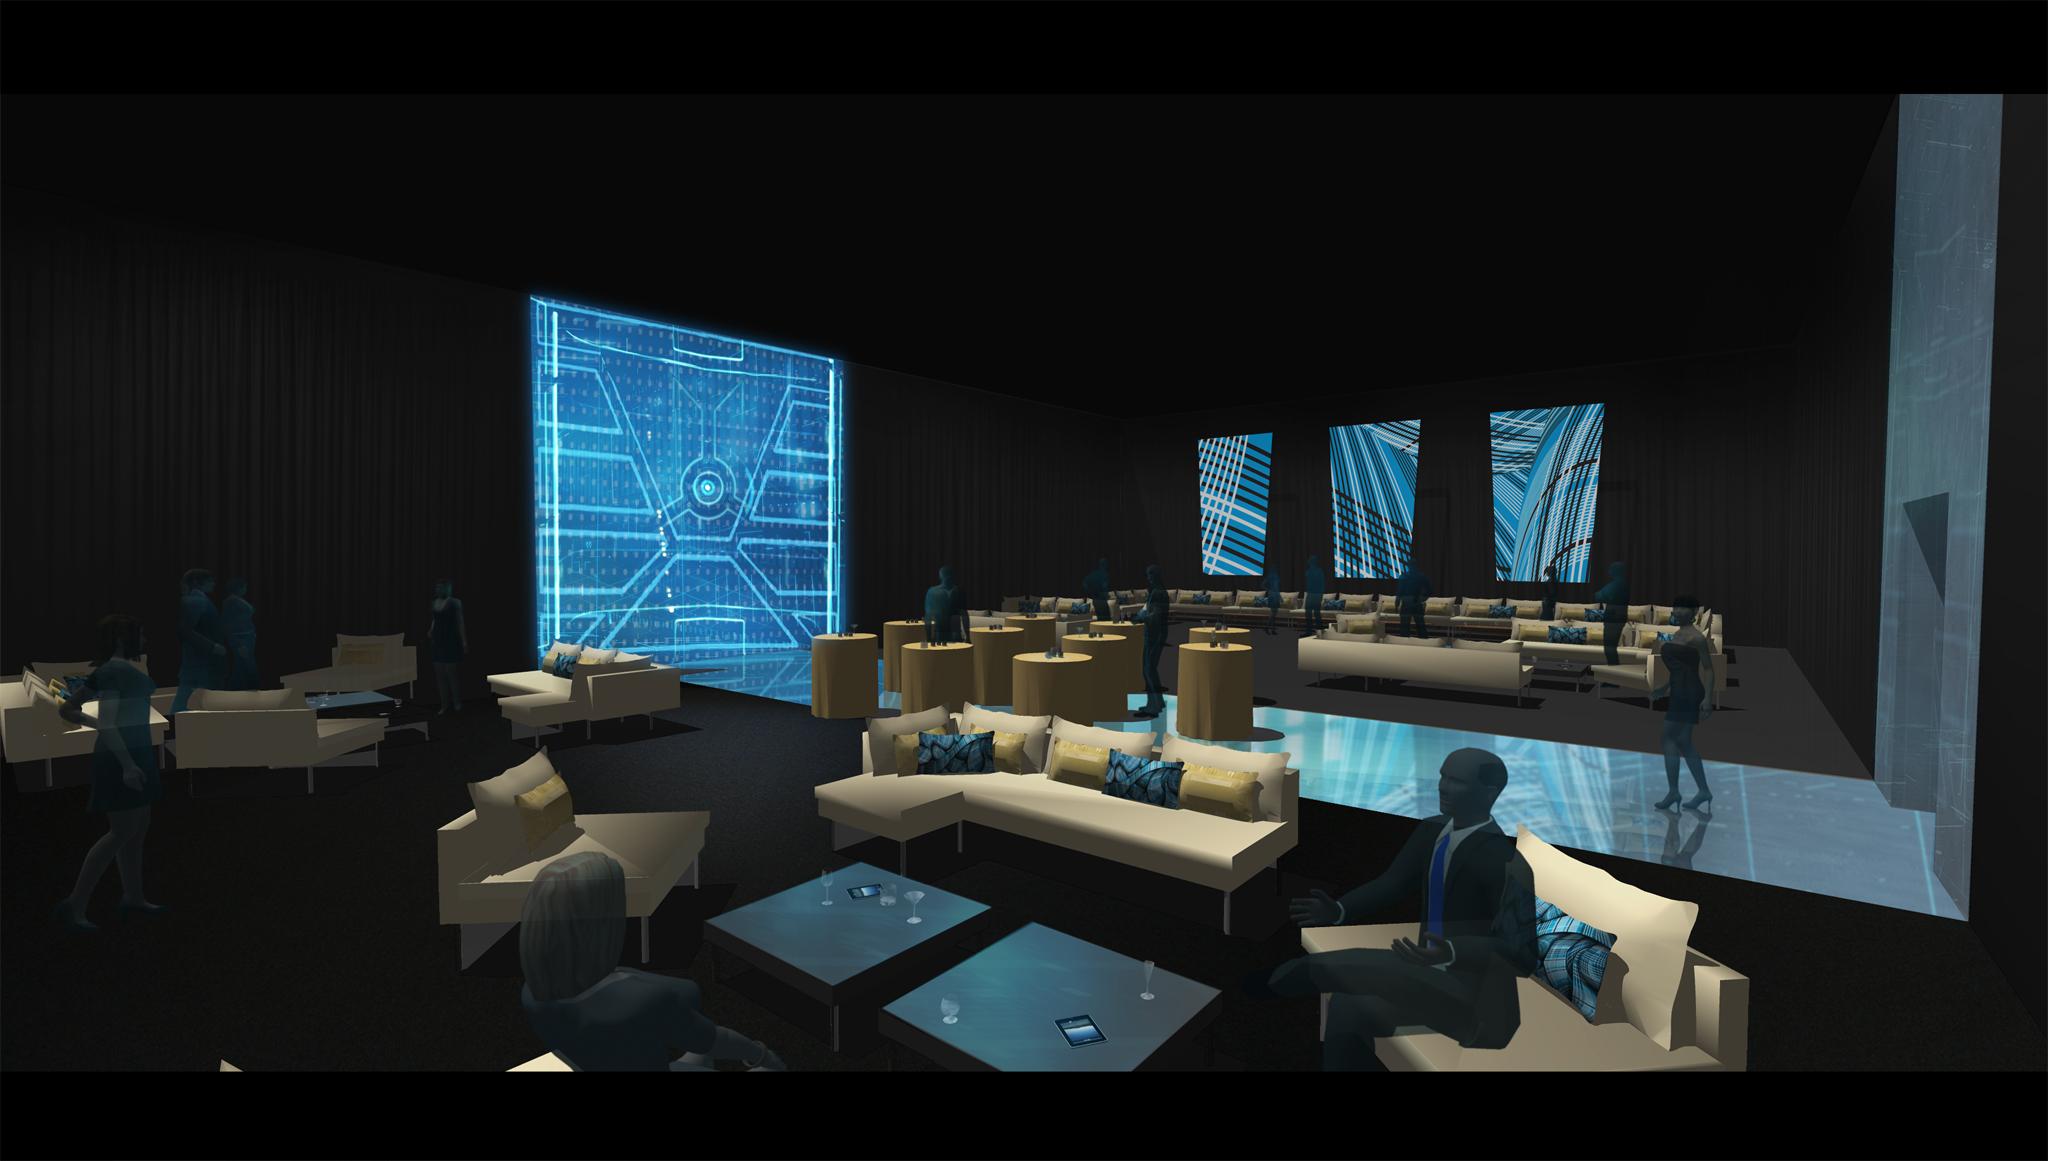 0112_dw_mj2014_v02_02_cocktail[1].jpg